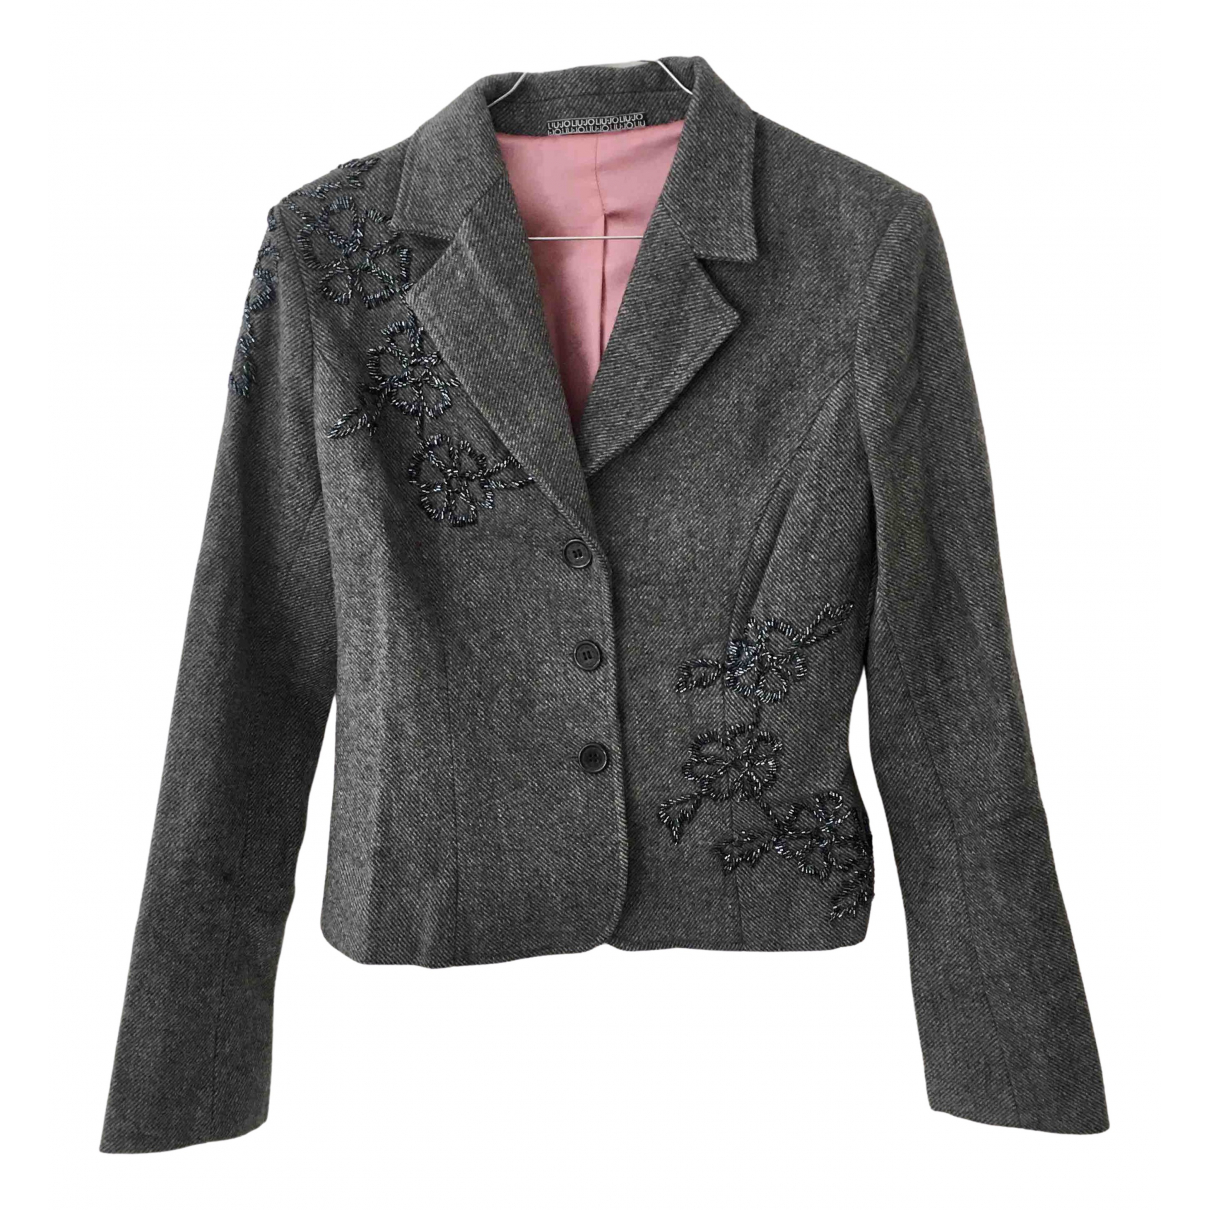 Liu.jo \N Grey Wool jacket for Women S International